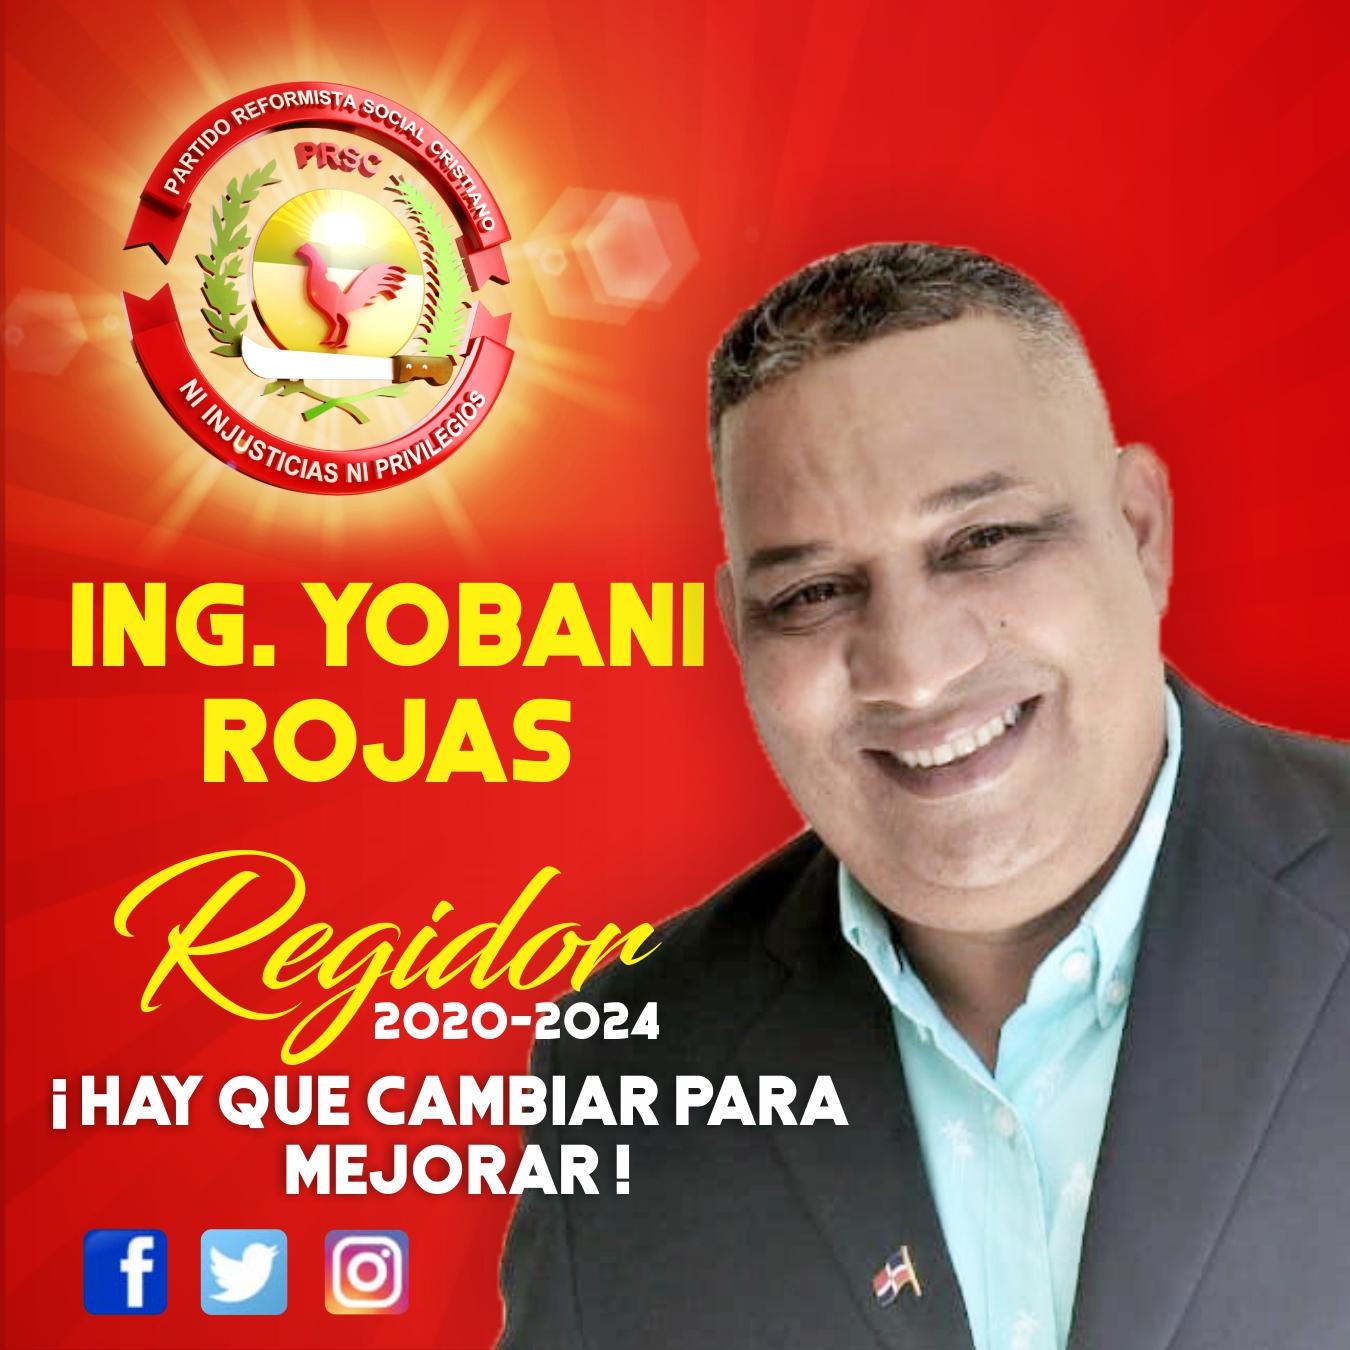 Yobani Regidor Redes Sociales